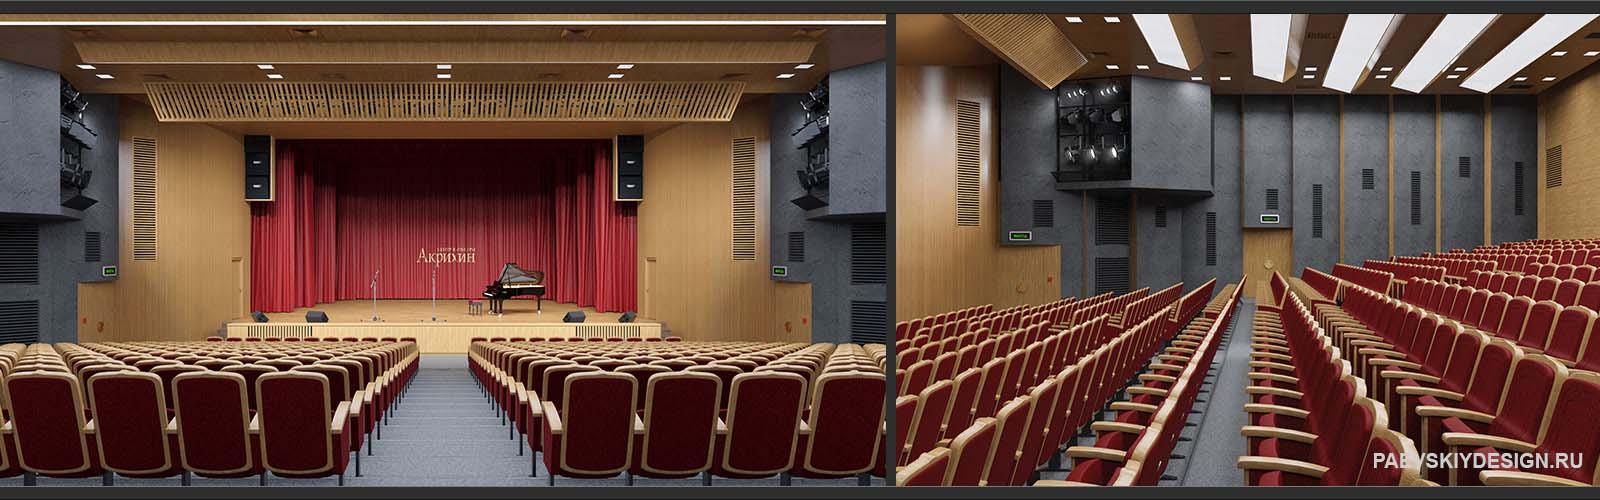 Дизайн актового зала дома культуры, концепция оформления